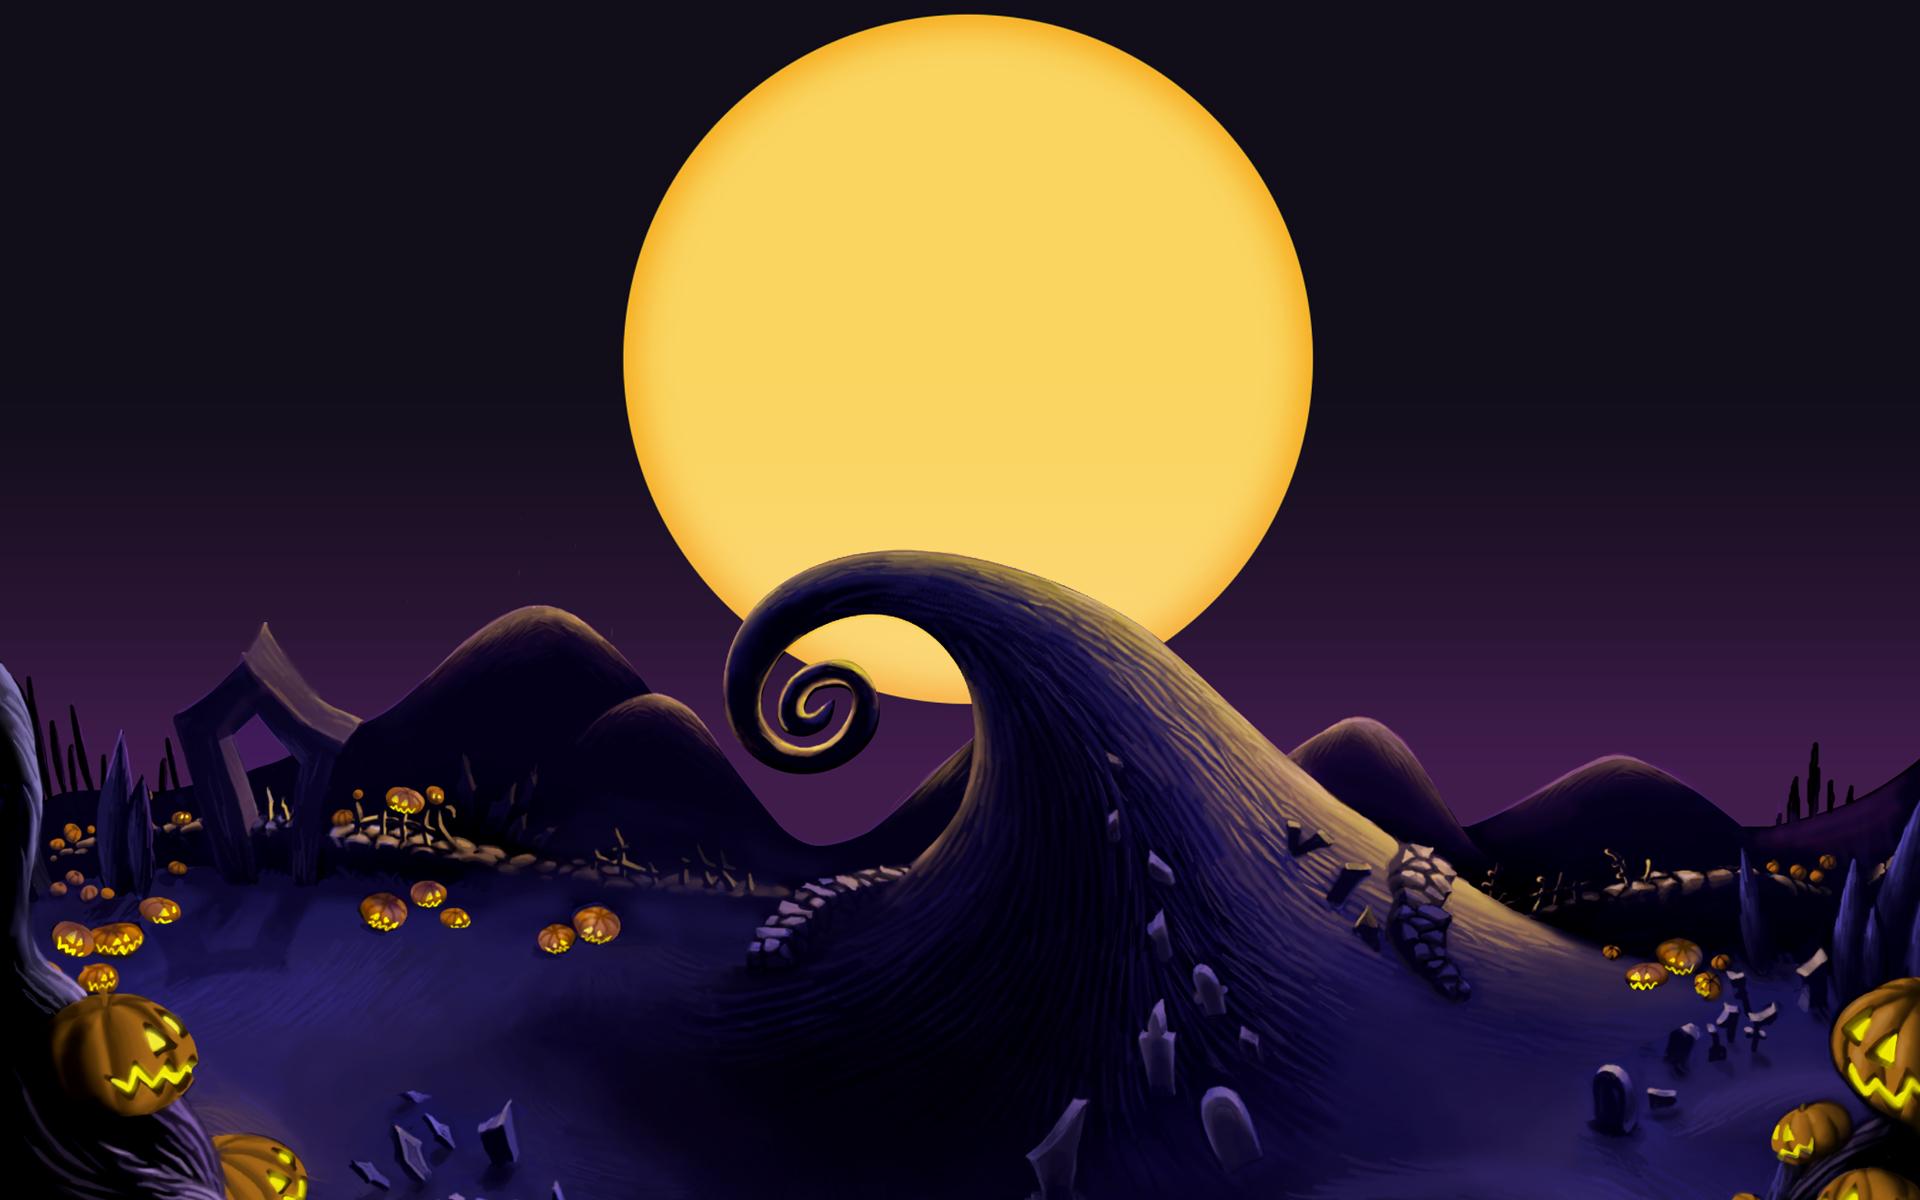 Disney Halloween Screensavers and Wallpaper - WallpaperSafari